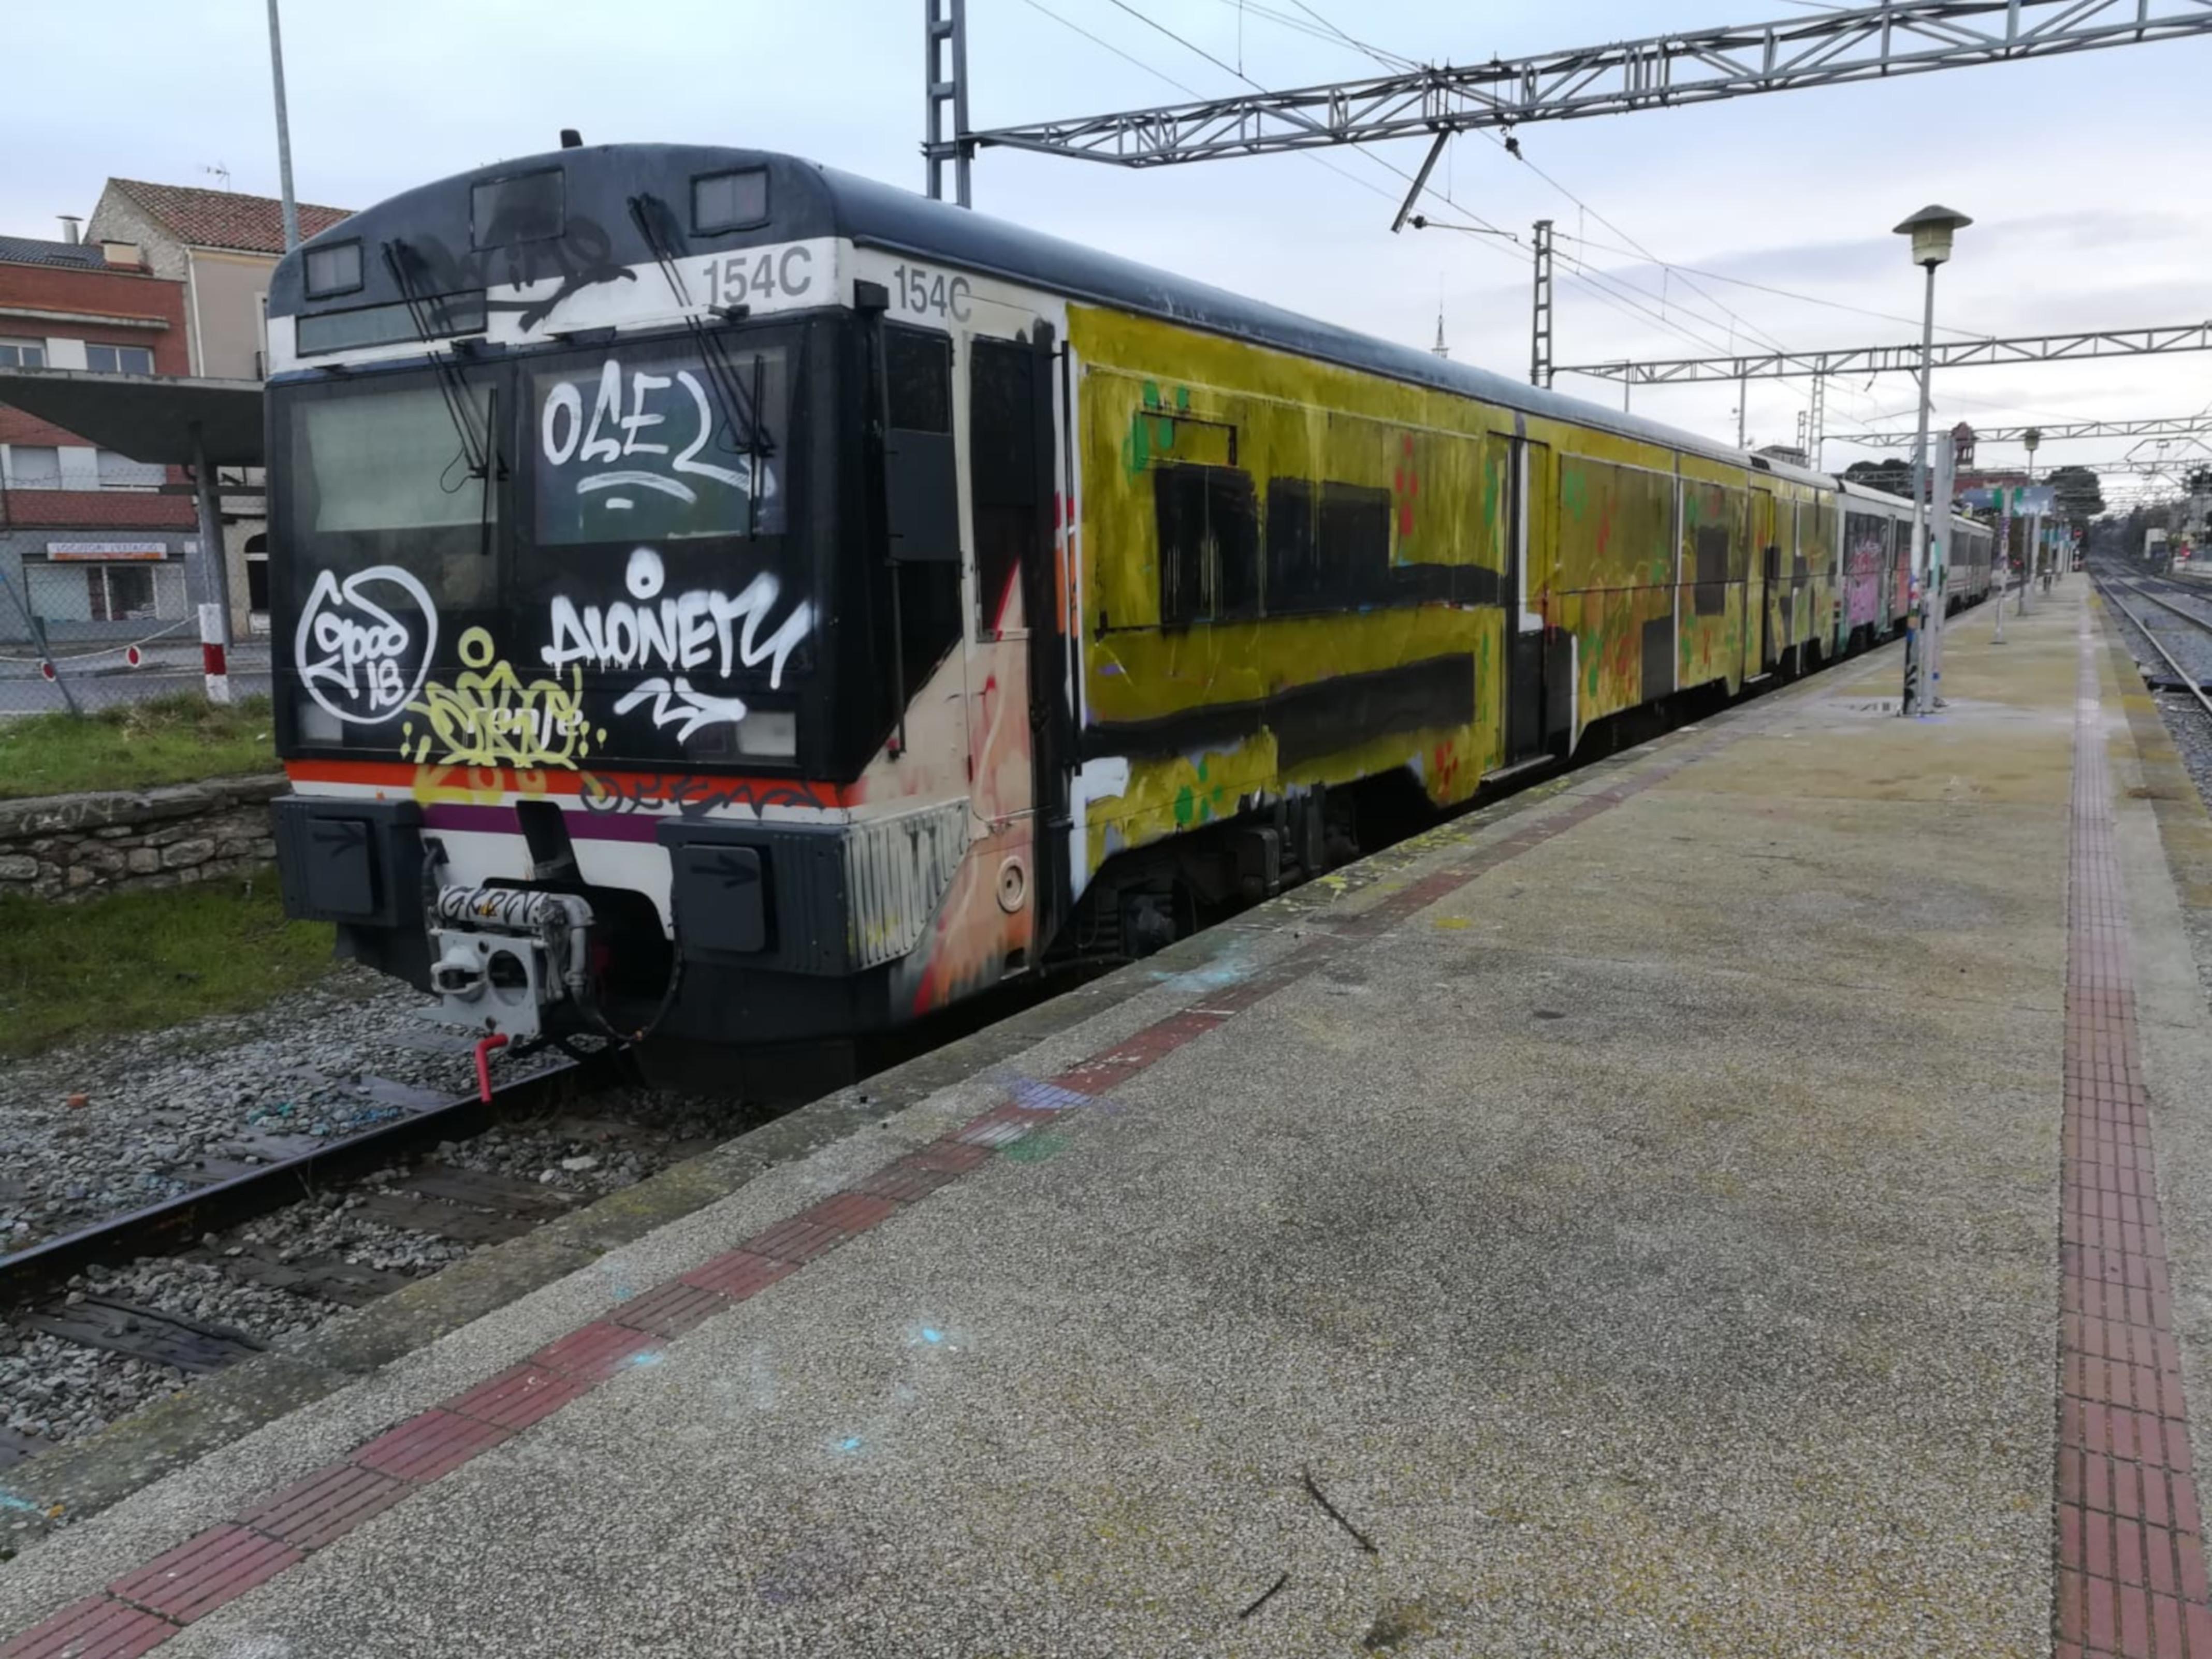 Detinguts dos joves de Blanes acusats de pintar un tren de rodalies a Cervera